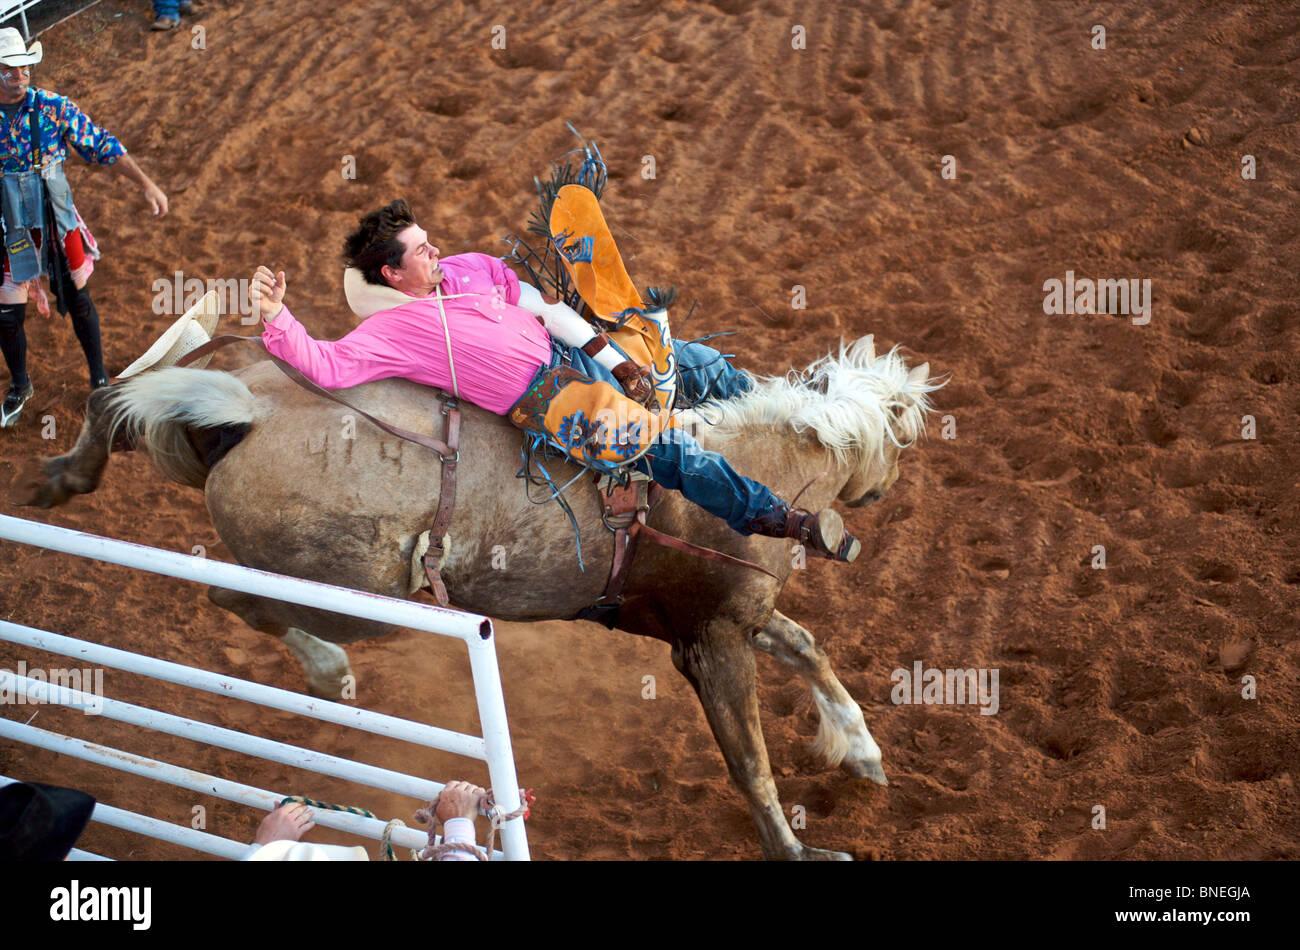 L'essayant de jeter Rodeo Cowboy membre de l'érythroblastopénie à partir de son retour à Petite-ville Bridgeport, Connecticut Banque D'Images